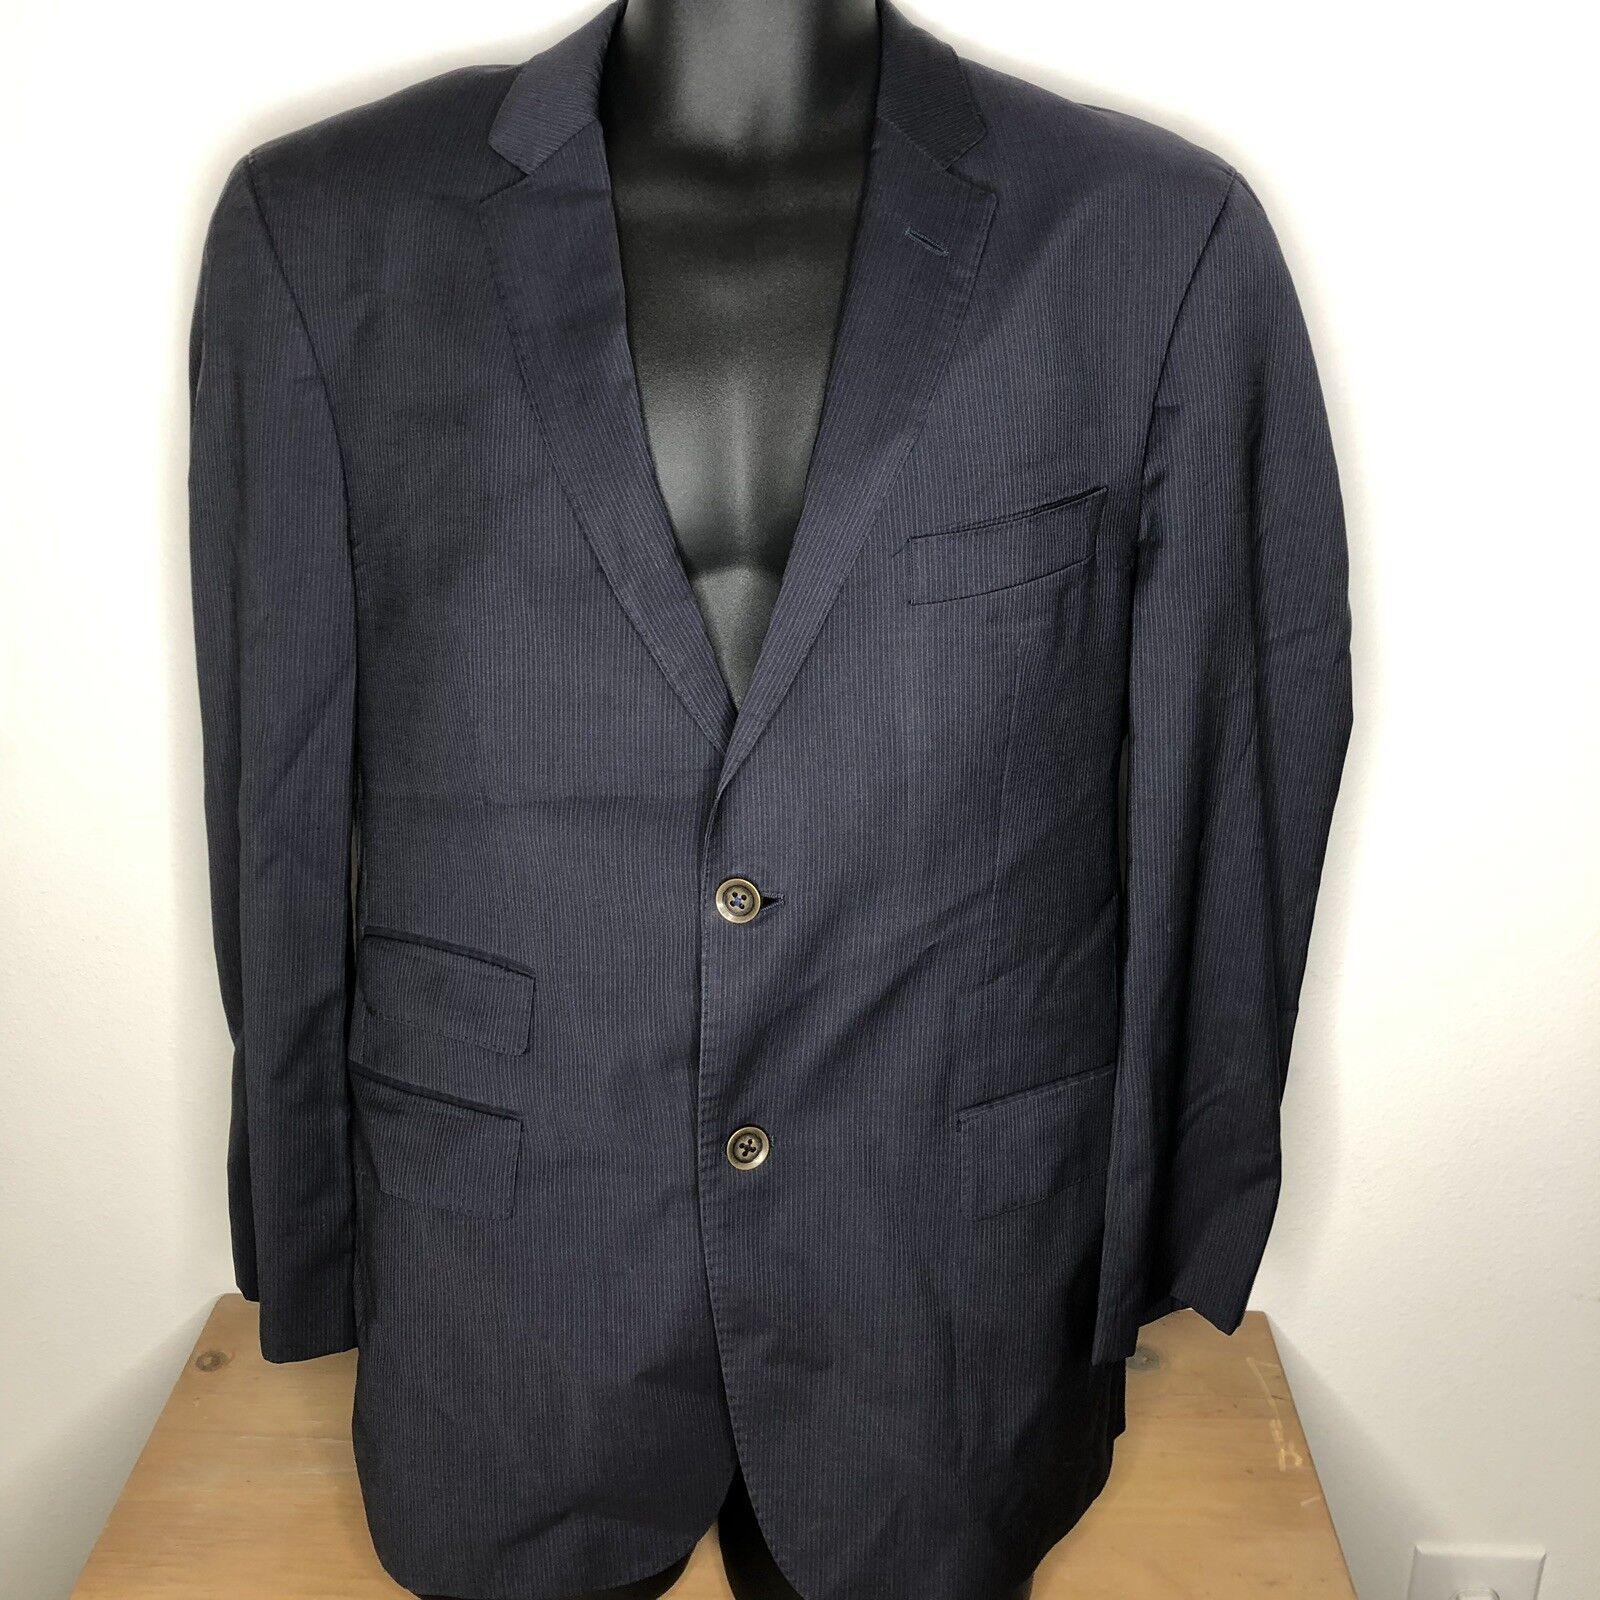 Hugo Boss  Herren Pinstripe Wool Suit 40 Pants 32 Waist MSRP 795